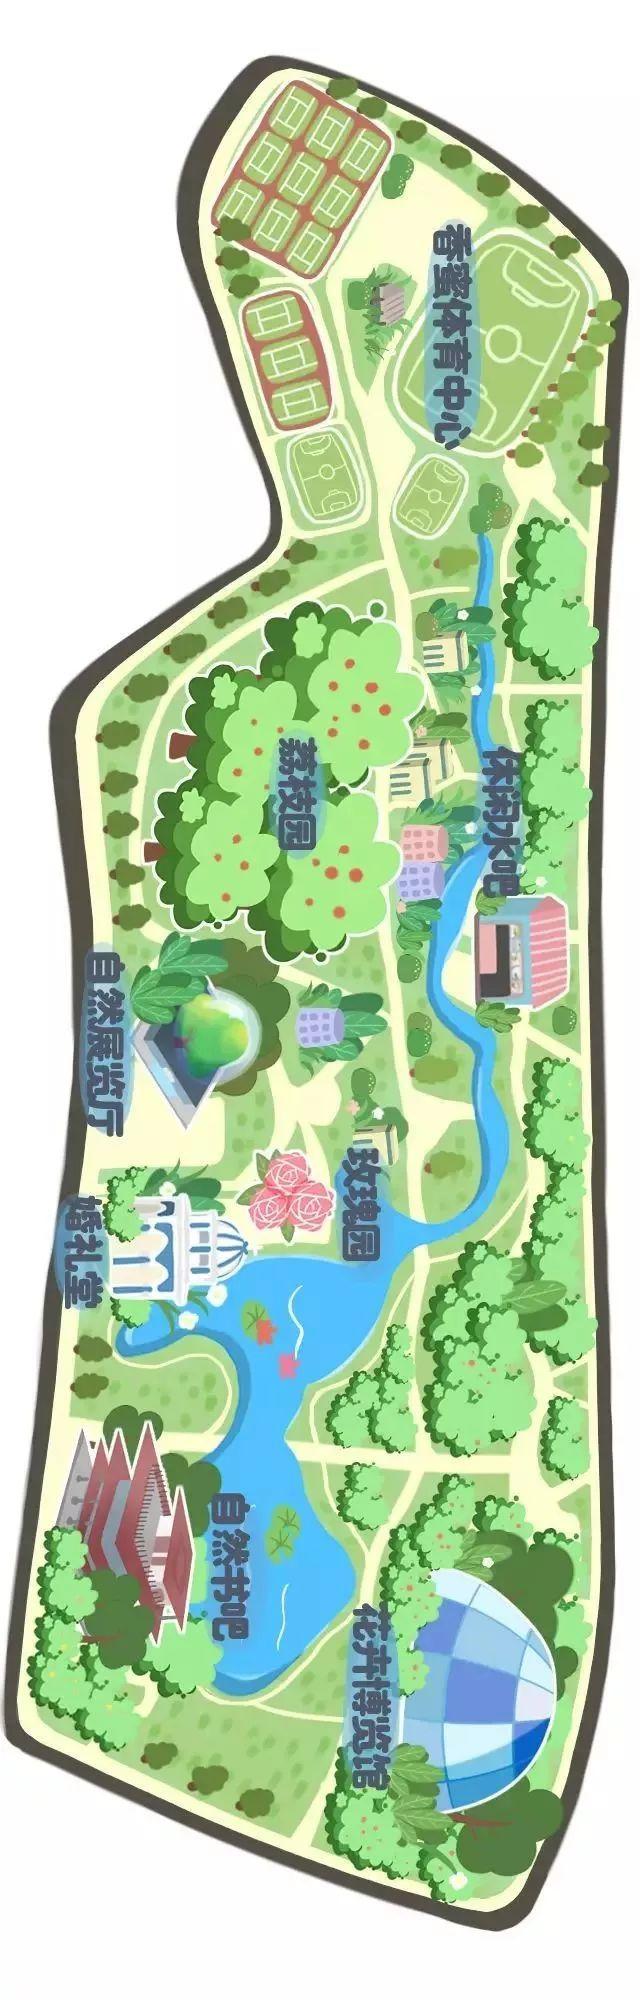 手绘版香蜜公园导览图!